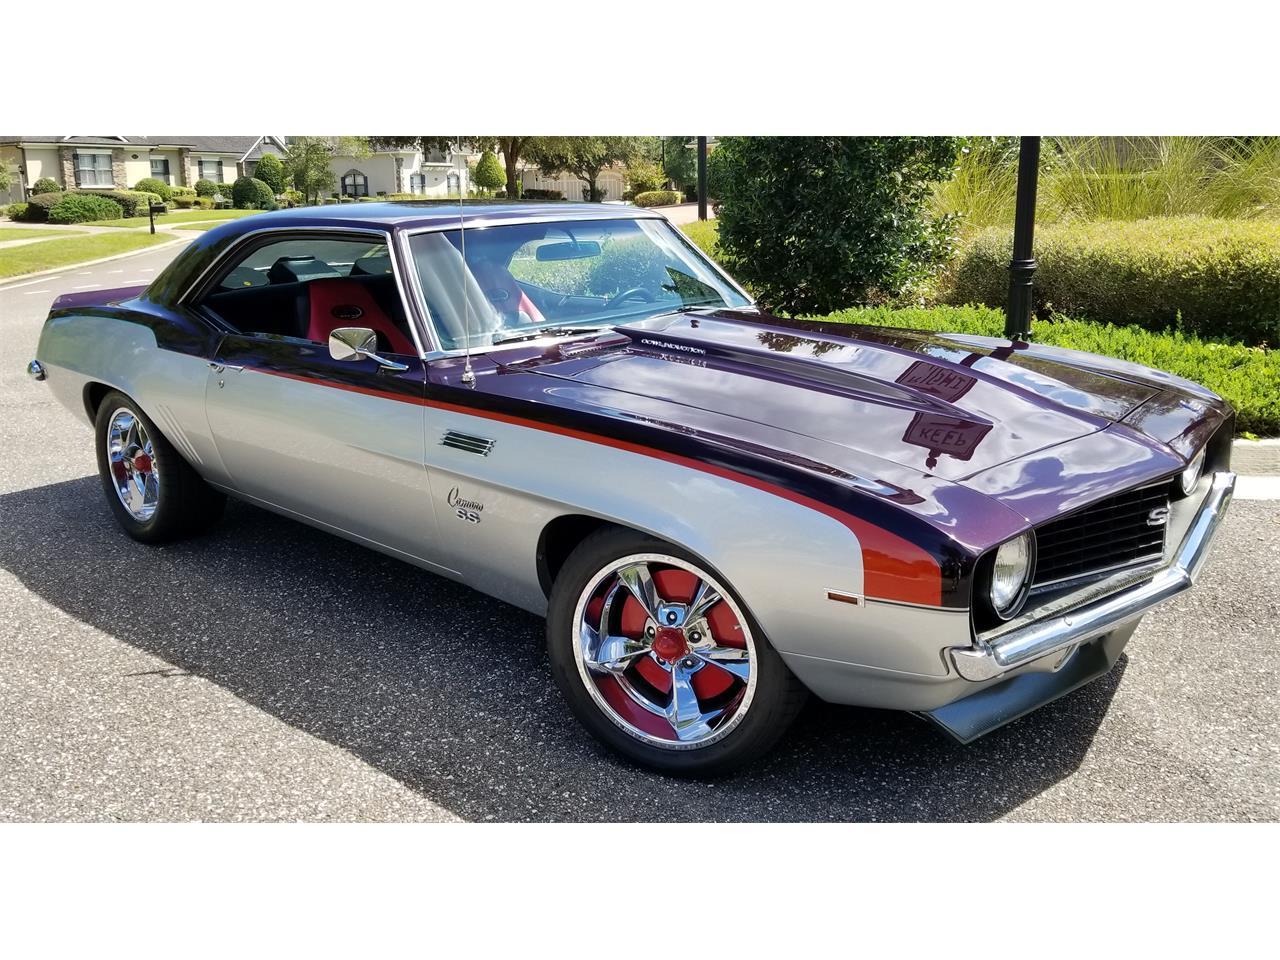 1969 Chevrolet Camaro Ss For Sale Classiccars Com Cc 1143996